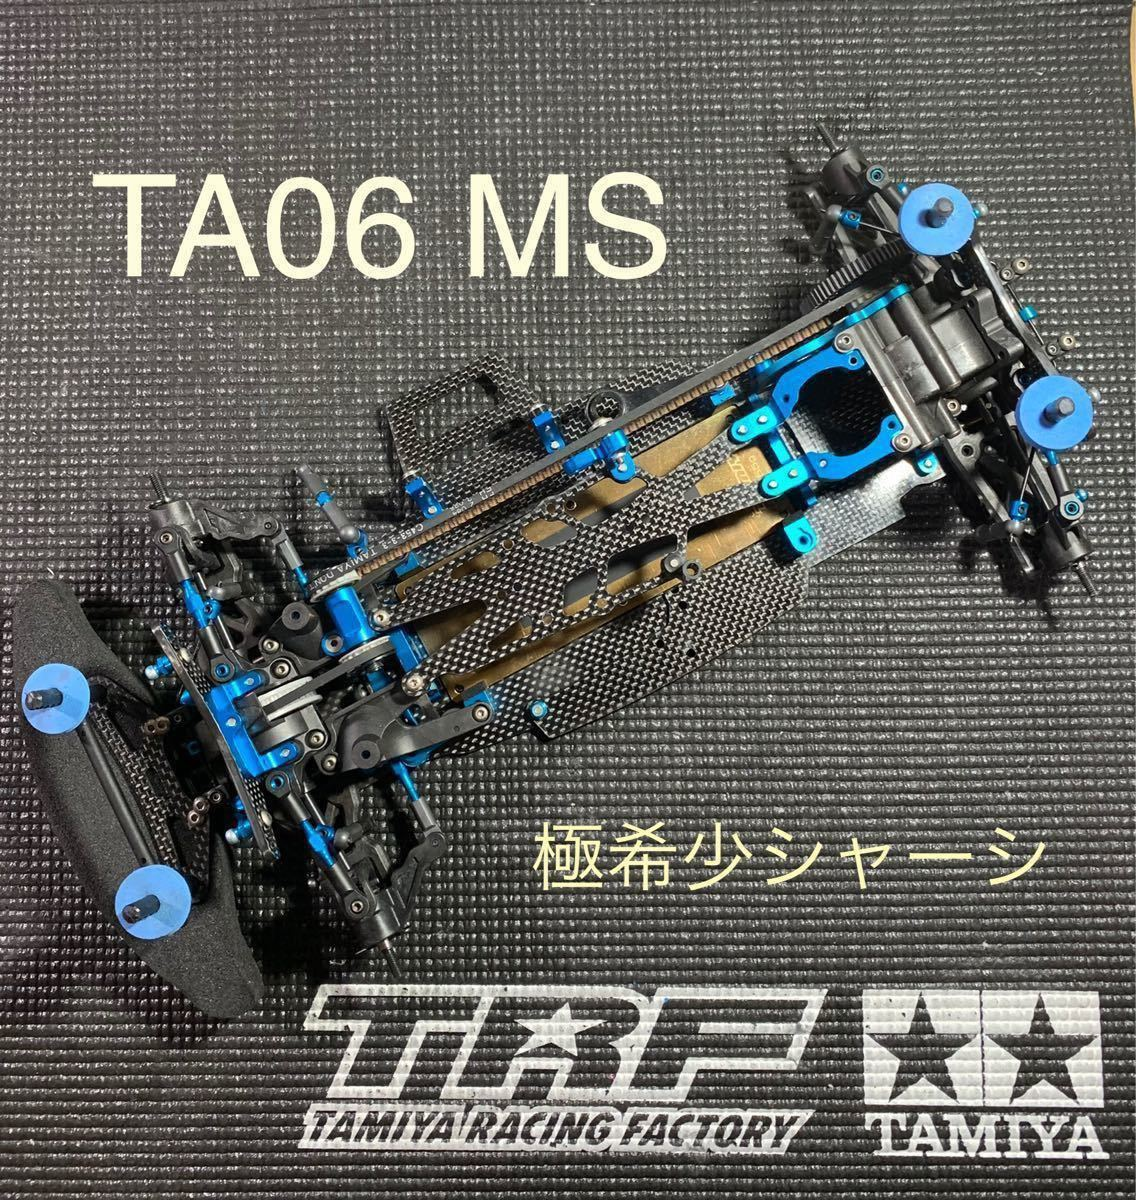 掲載9月30日まで【希少シャーシ】TAMIYA TA06MSカーボンシャーシ・軽量ライキリGTボディ・説明書・OP説明書付